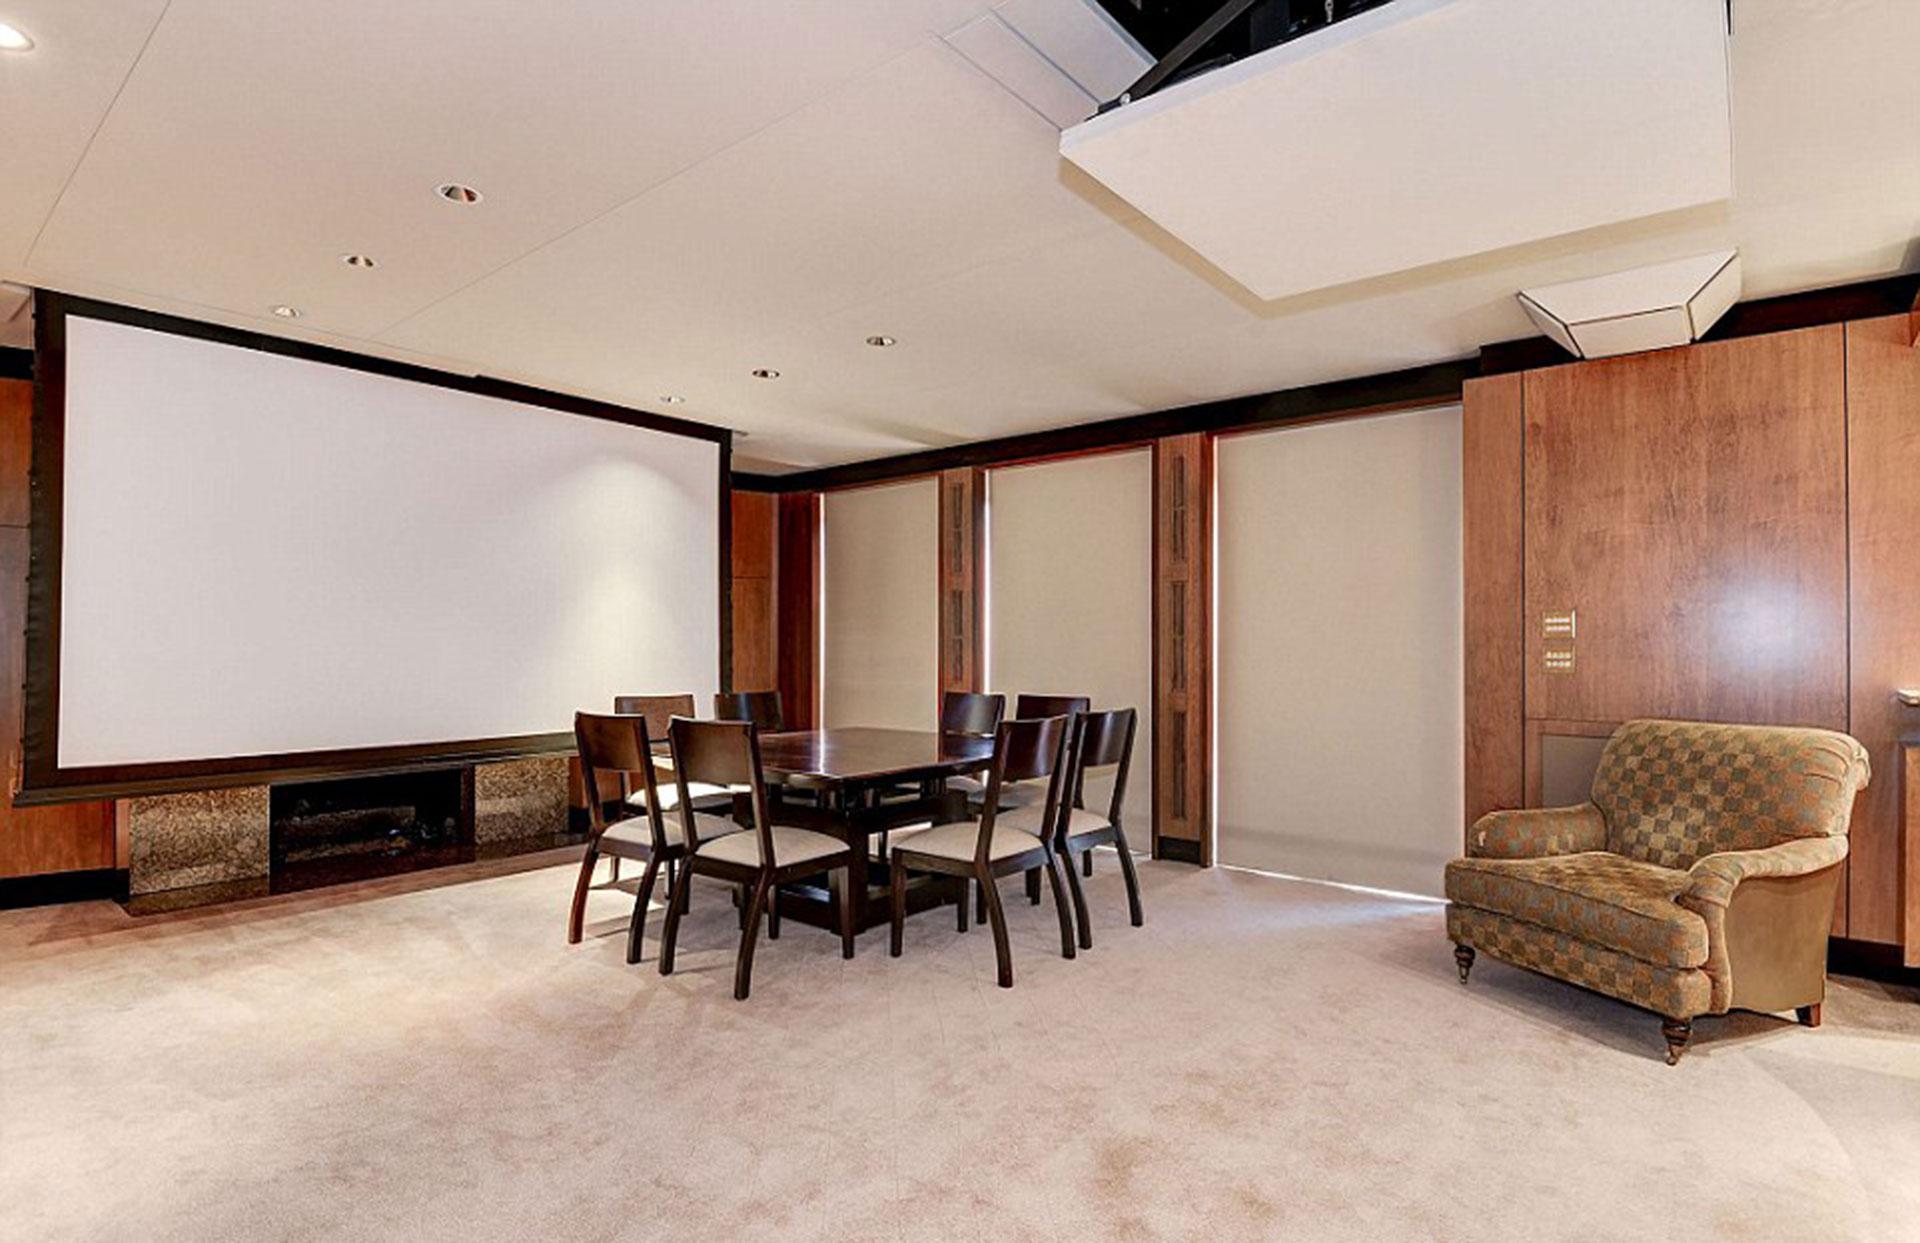 Una pantalla gigante y una mesa de reuniones en la misma habitación